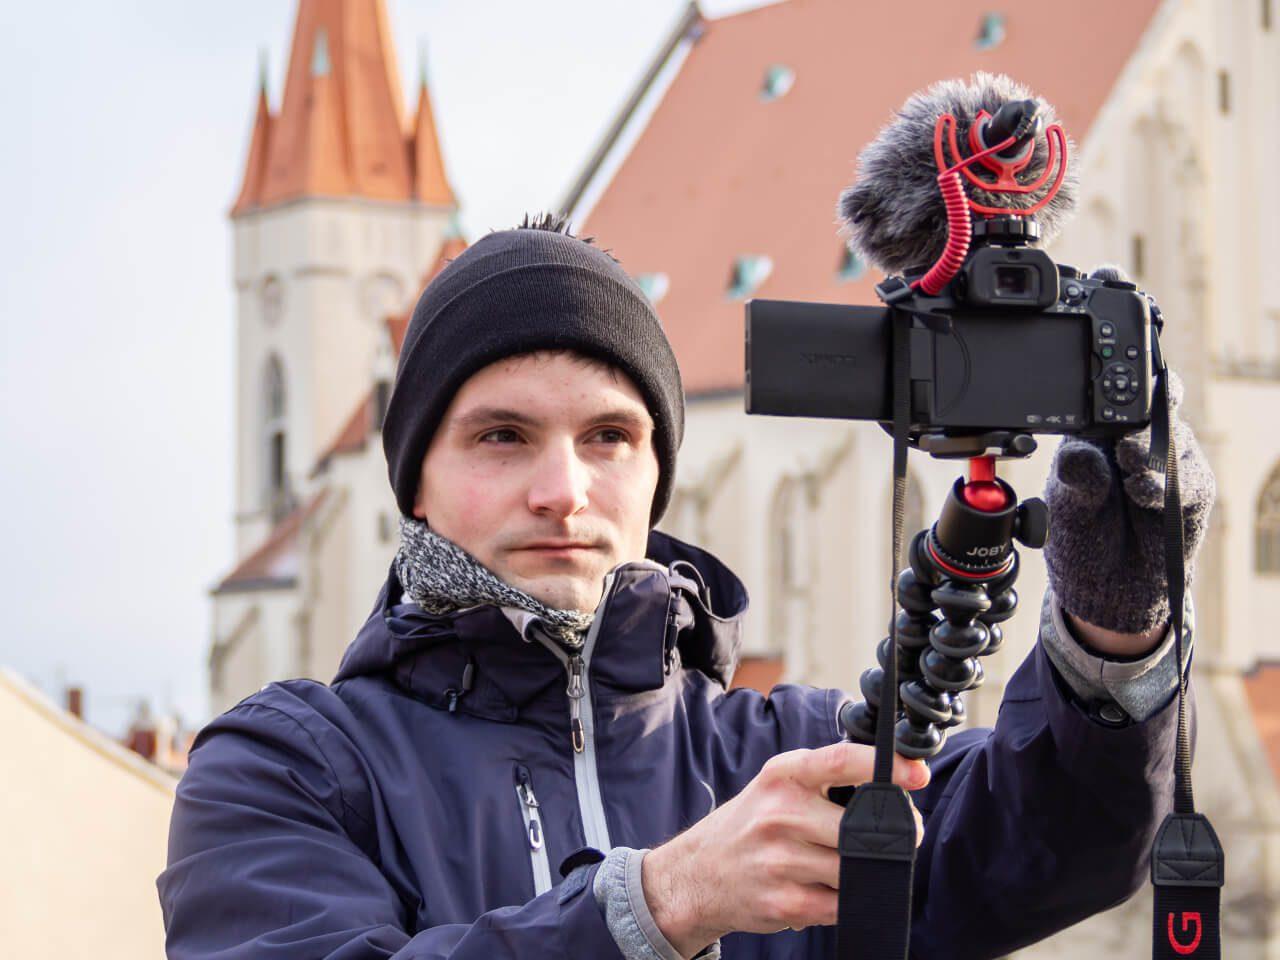 Bartek z kamerą mikrofon